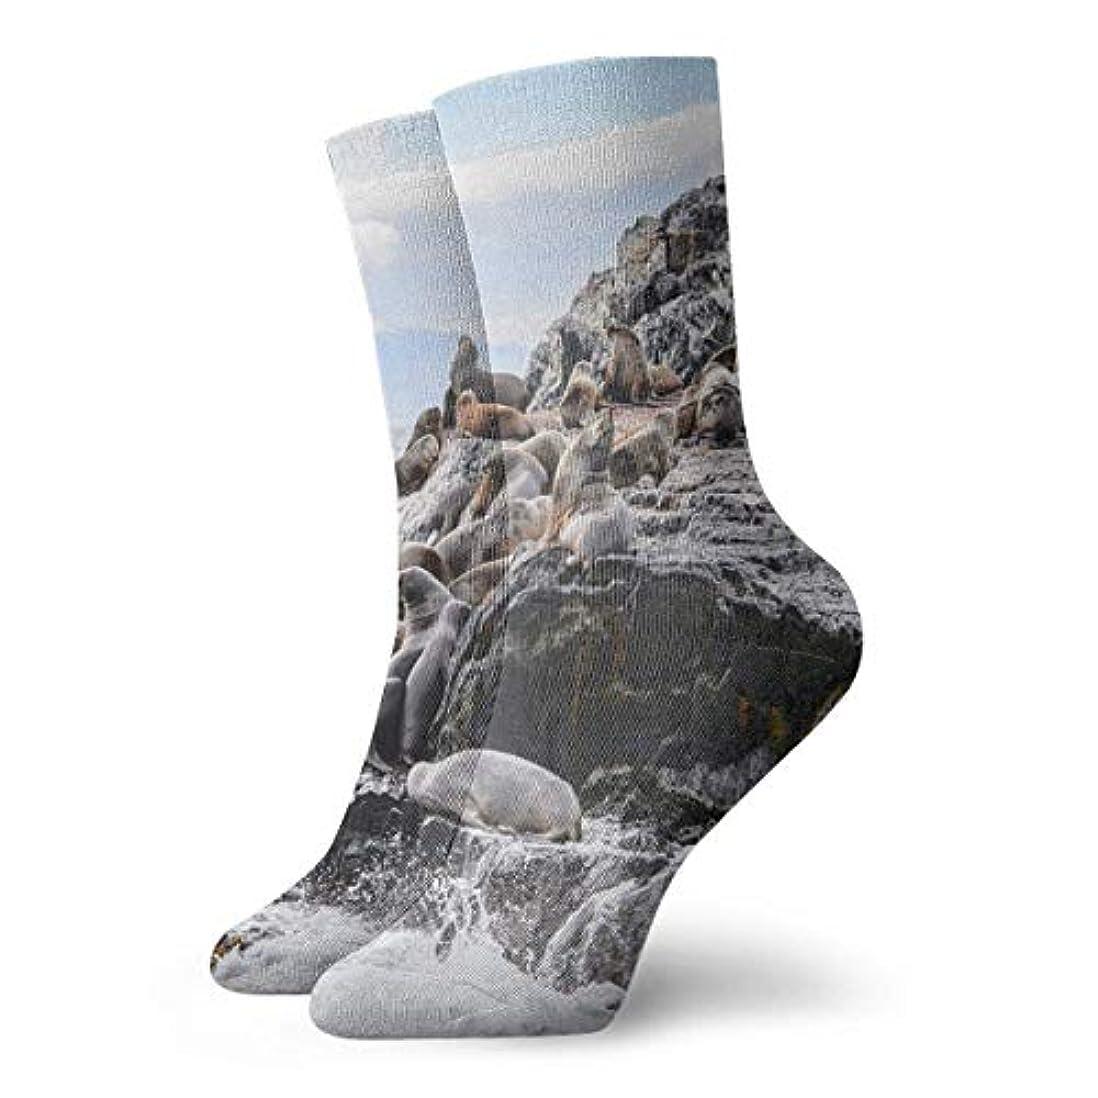 不完全な吸収するパズルQRRIYノベルティデザインクルーソックス、ライオンズロック、クリスマス休暇クレイジー楽しいカラフルな派手な靴下、冬暖かいストレッチクルーソックス